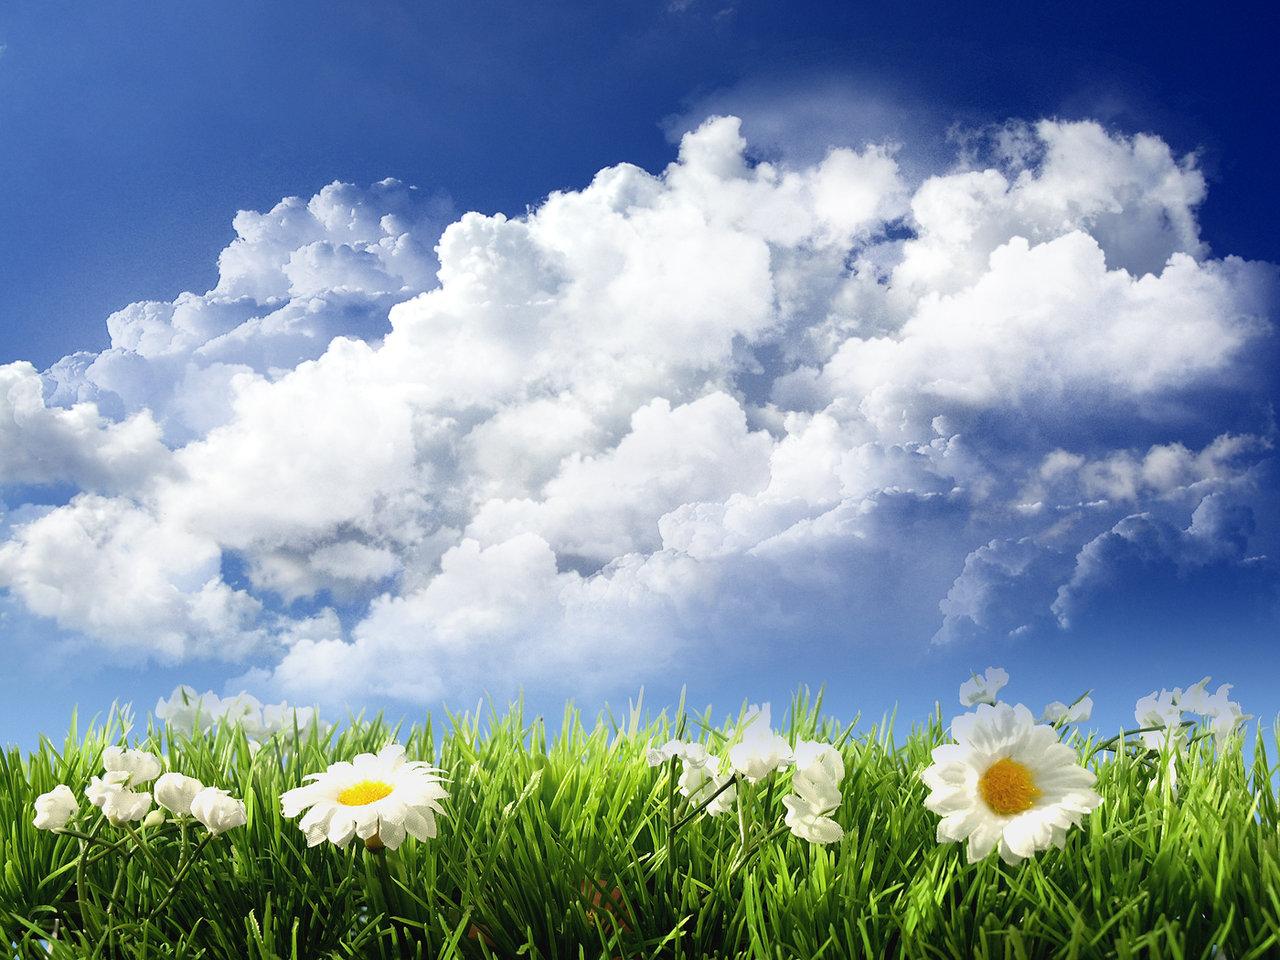 Wallpaper Untuk Laptop: Sky And Flowers : 壁紙にしたい『美しい雲のある風景